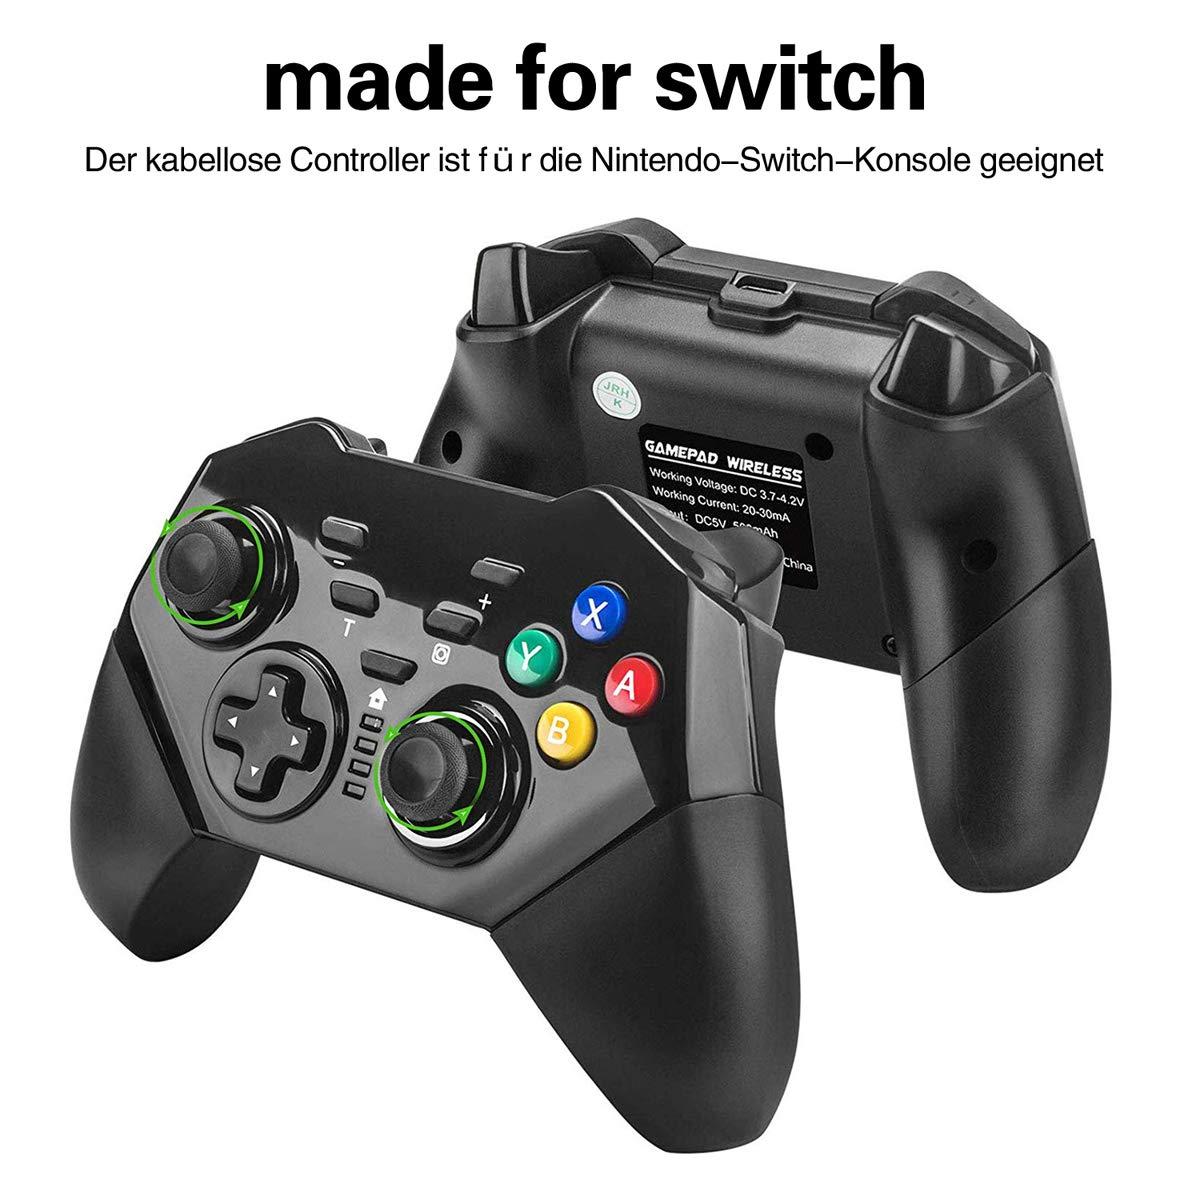 QULLOO Nintendo Switch Mando Controller Wireless Pro Controlador Inalámbrico Gamepad Bluetooth Controller Joypad Joystick con Turbo y Dual Shock Functions para Nintendo Switch: Amazon.es: Electrónica